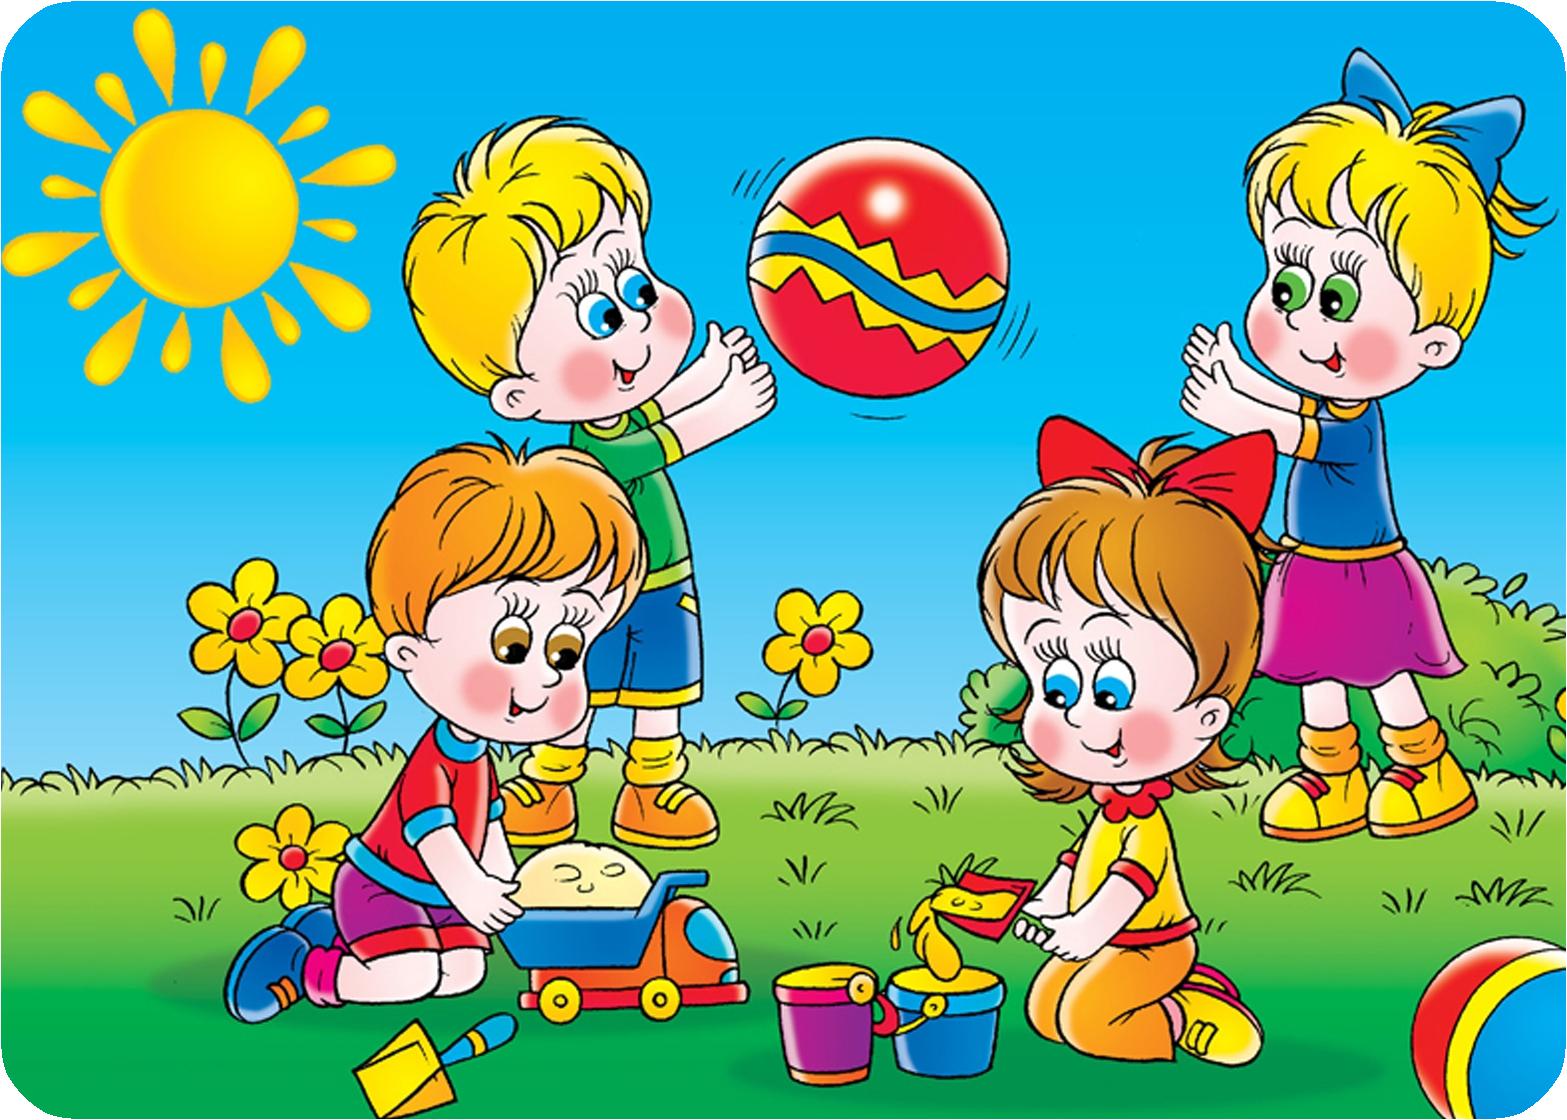 Детские мультяшные картинки с детьми играющими в доу